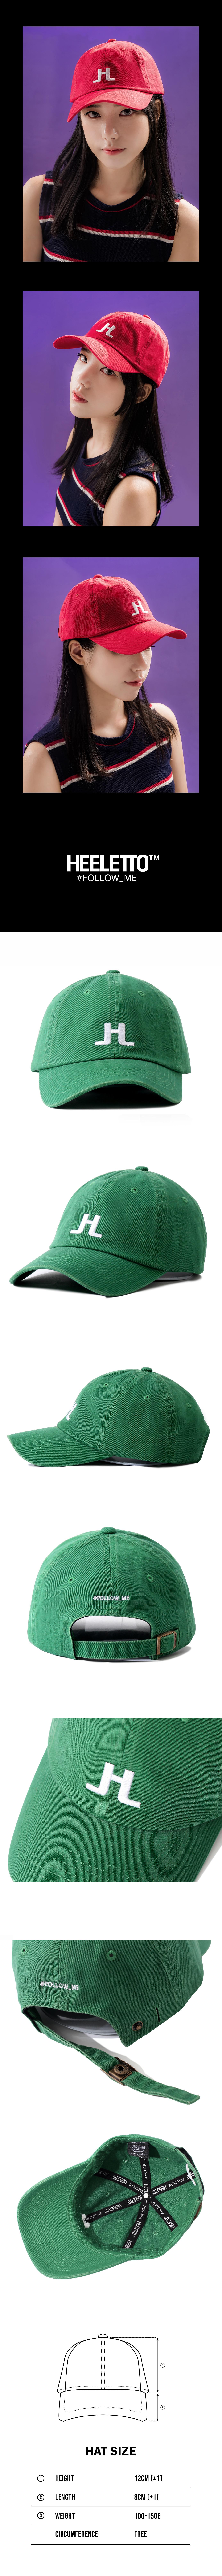 HFSUBL012GR.jpg